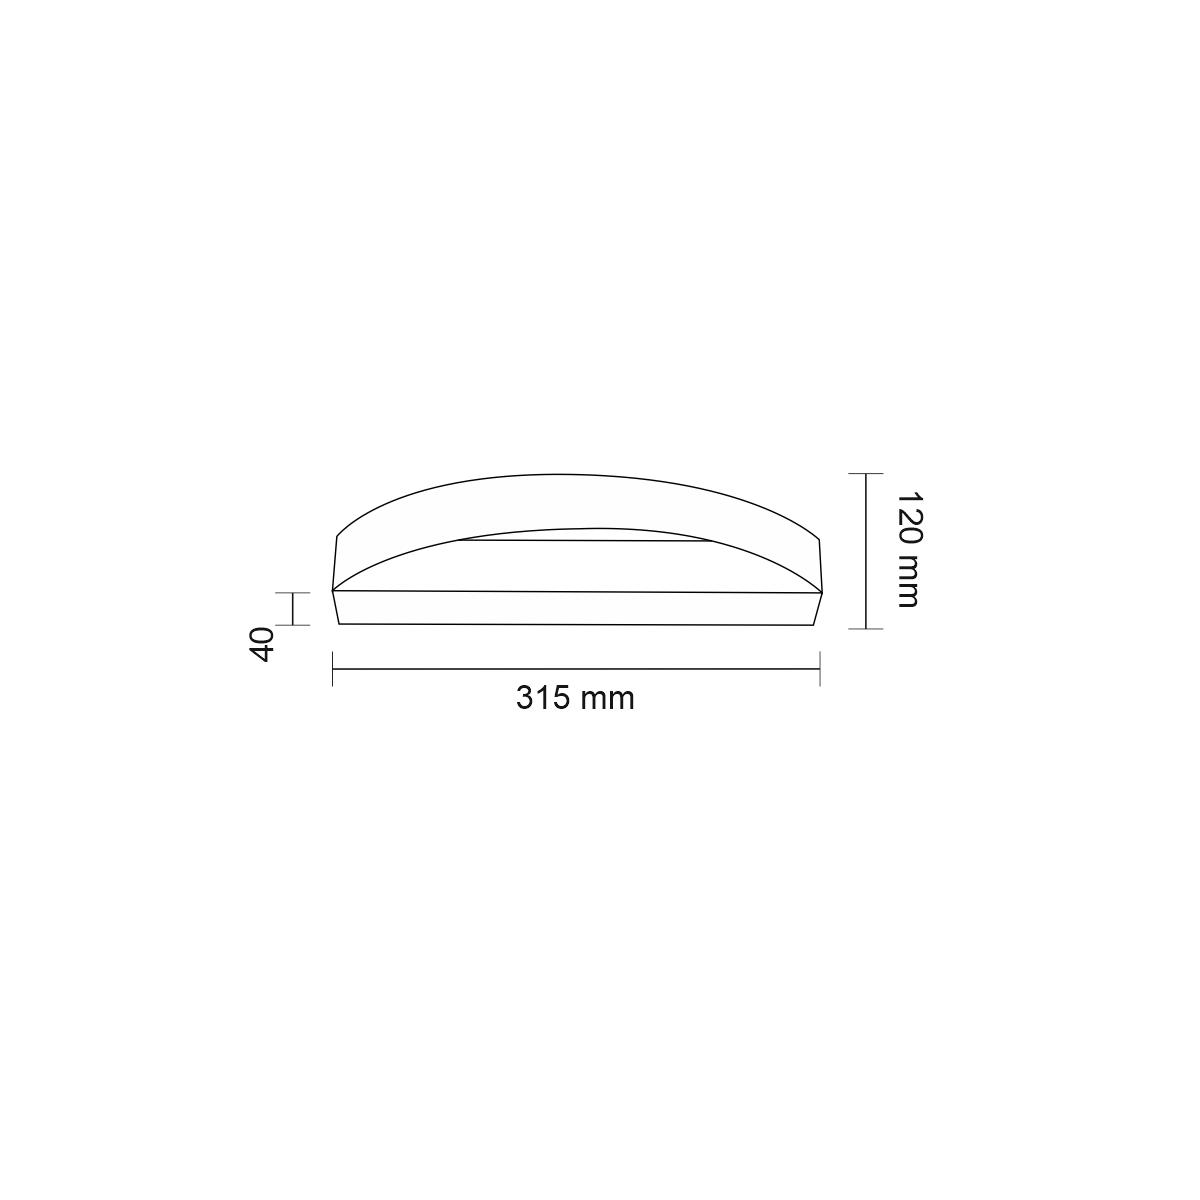 Shilo ENIWA LED 3,5W 238lm biały kinkiet 7471